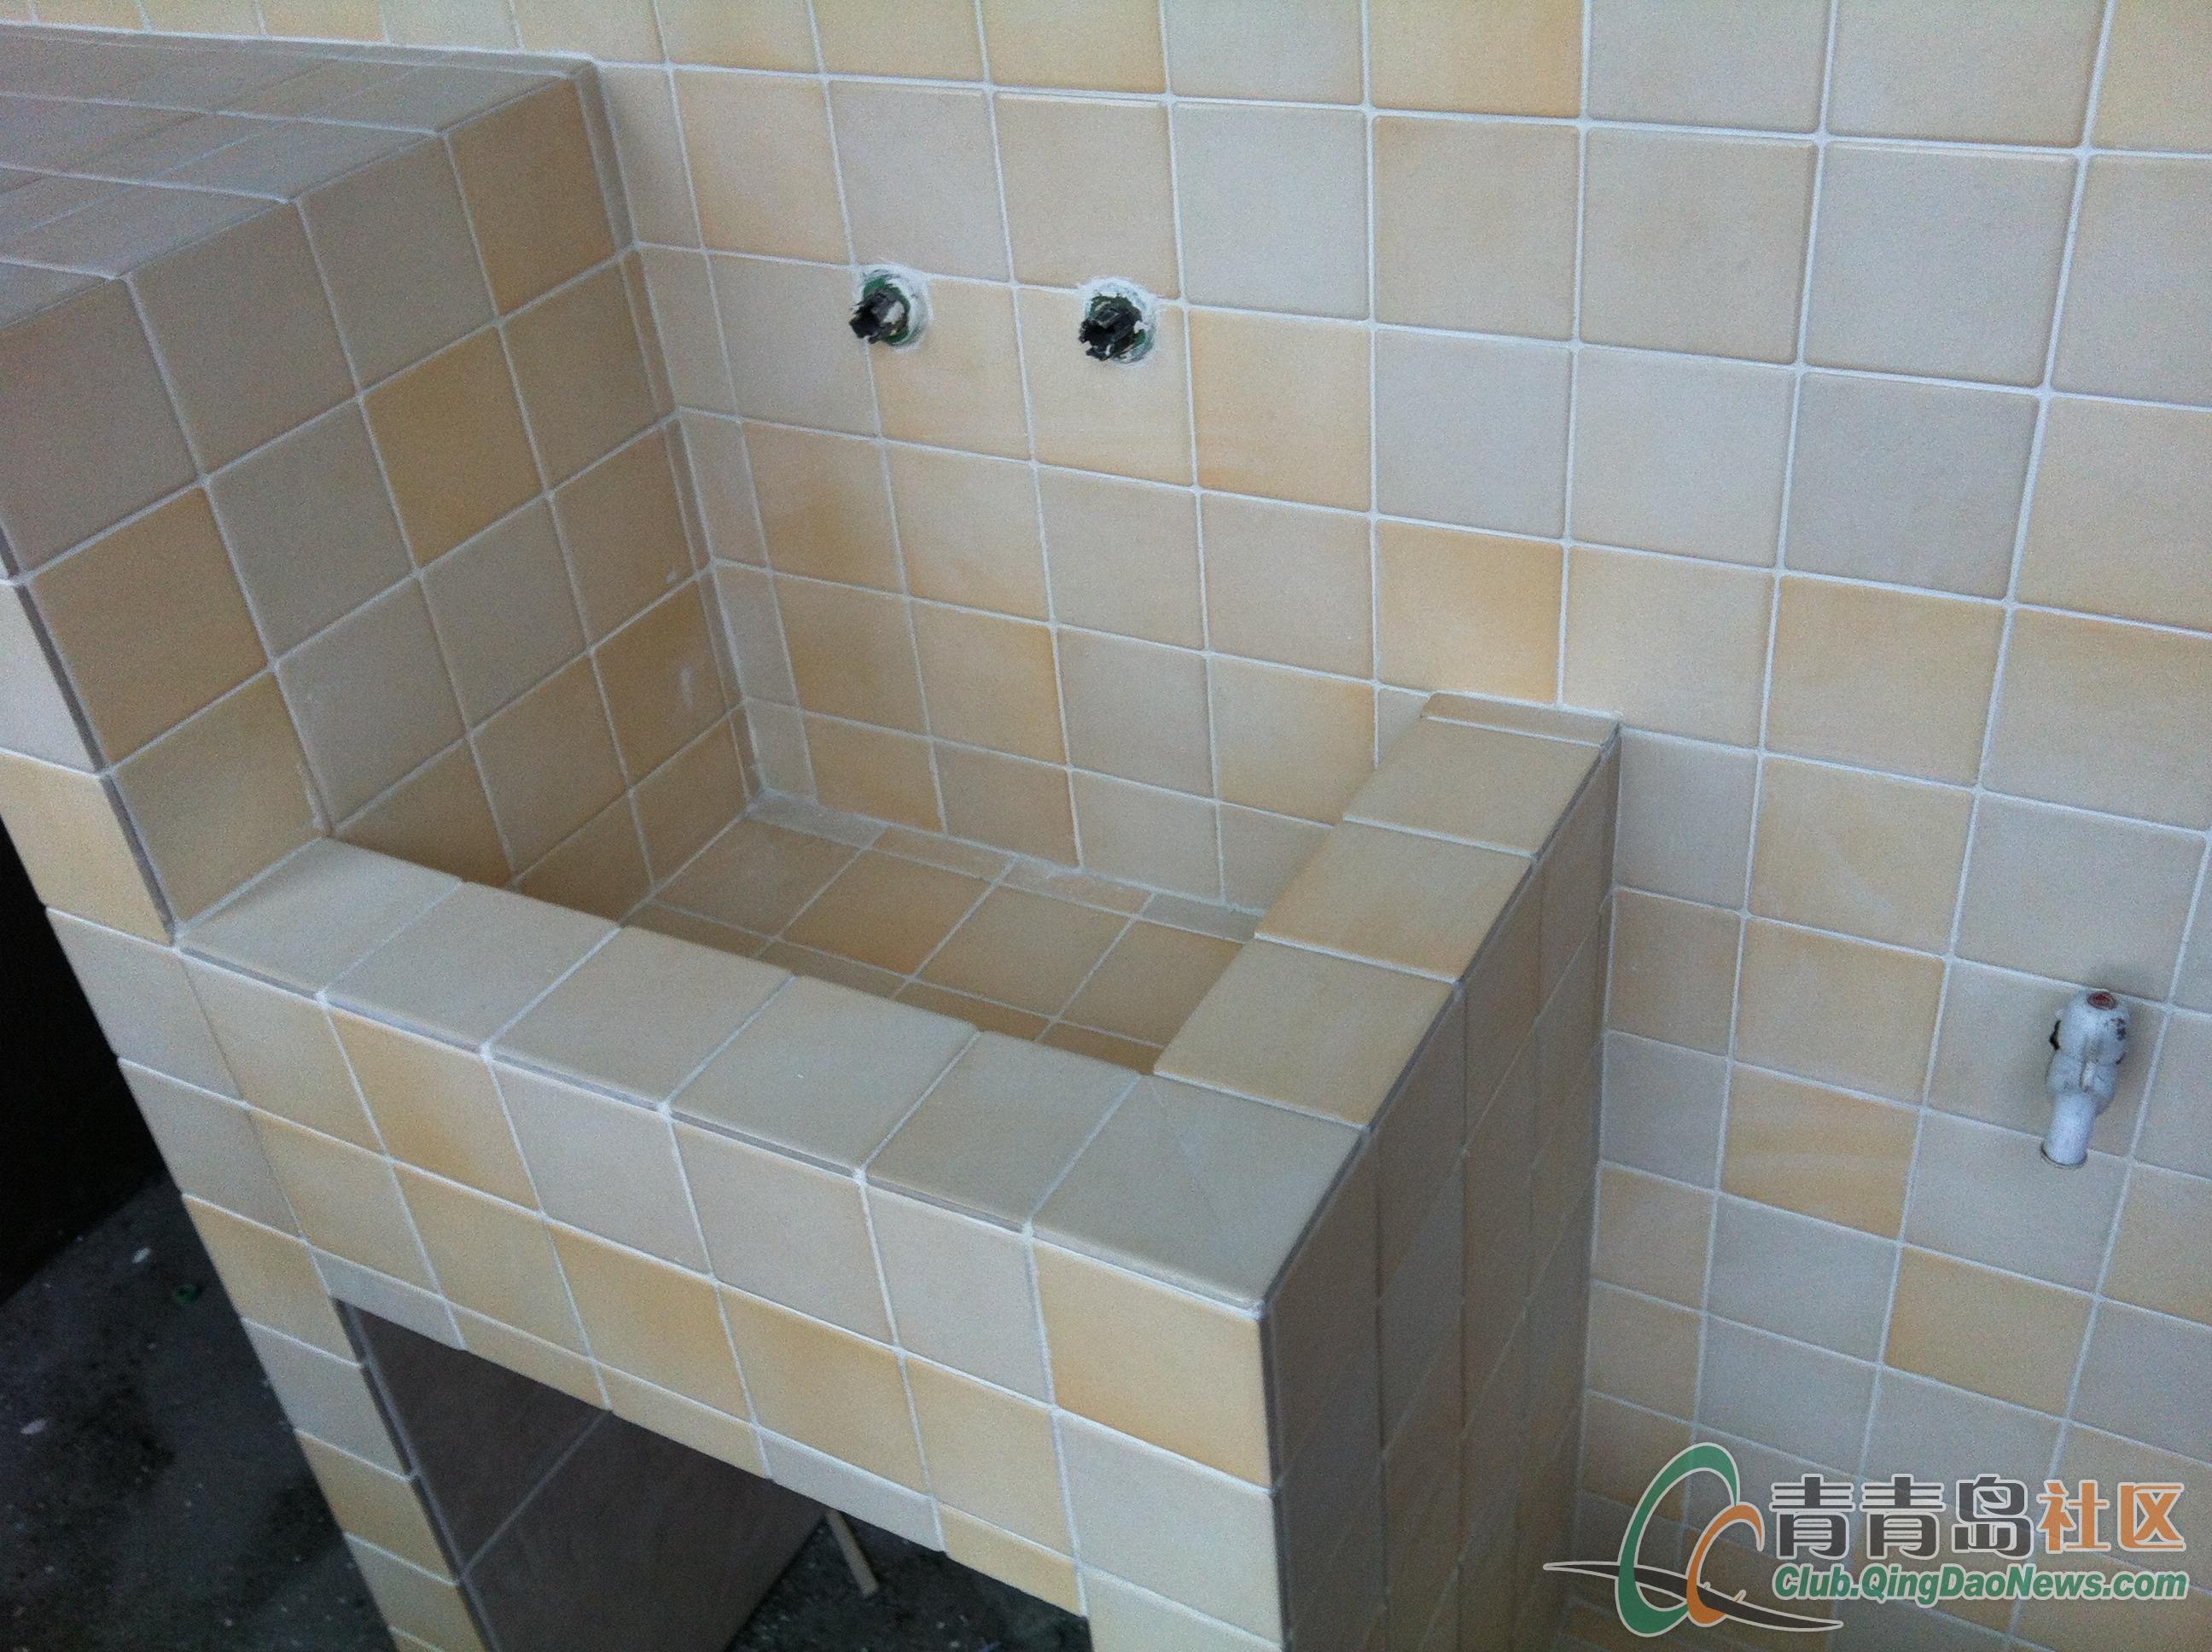 设计图分享 洗手间洗衣机设计图  一楼阳台洗衣机洗手台拖把池 宽2592